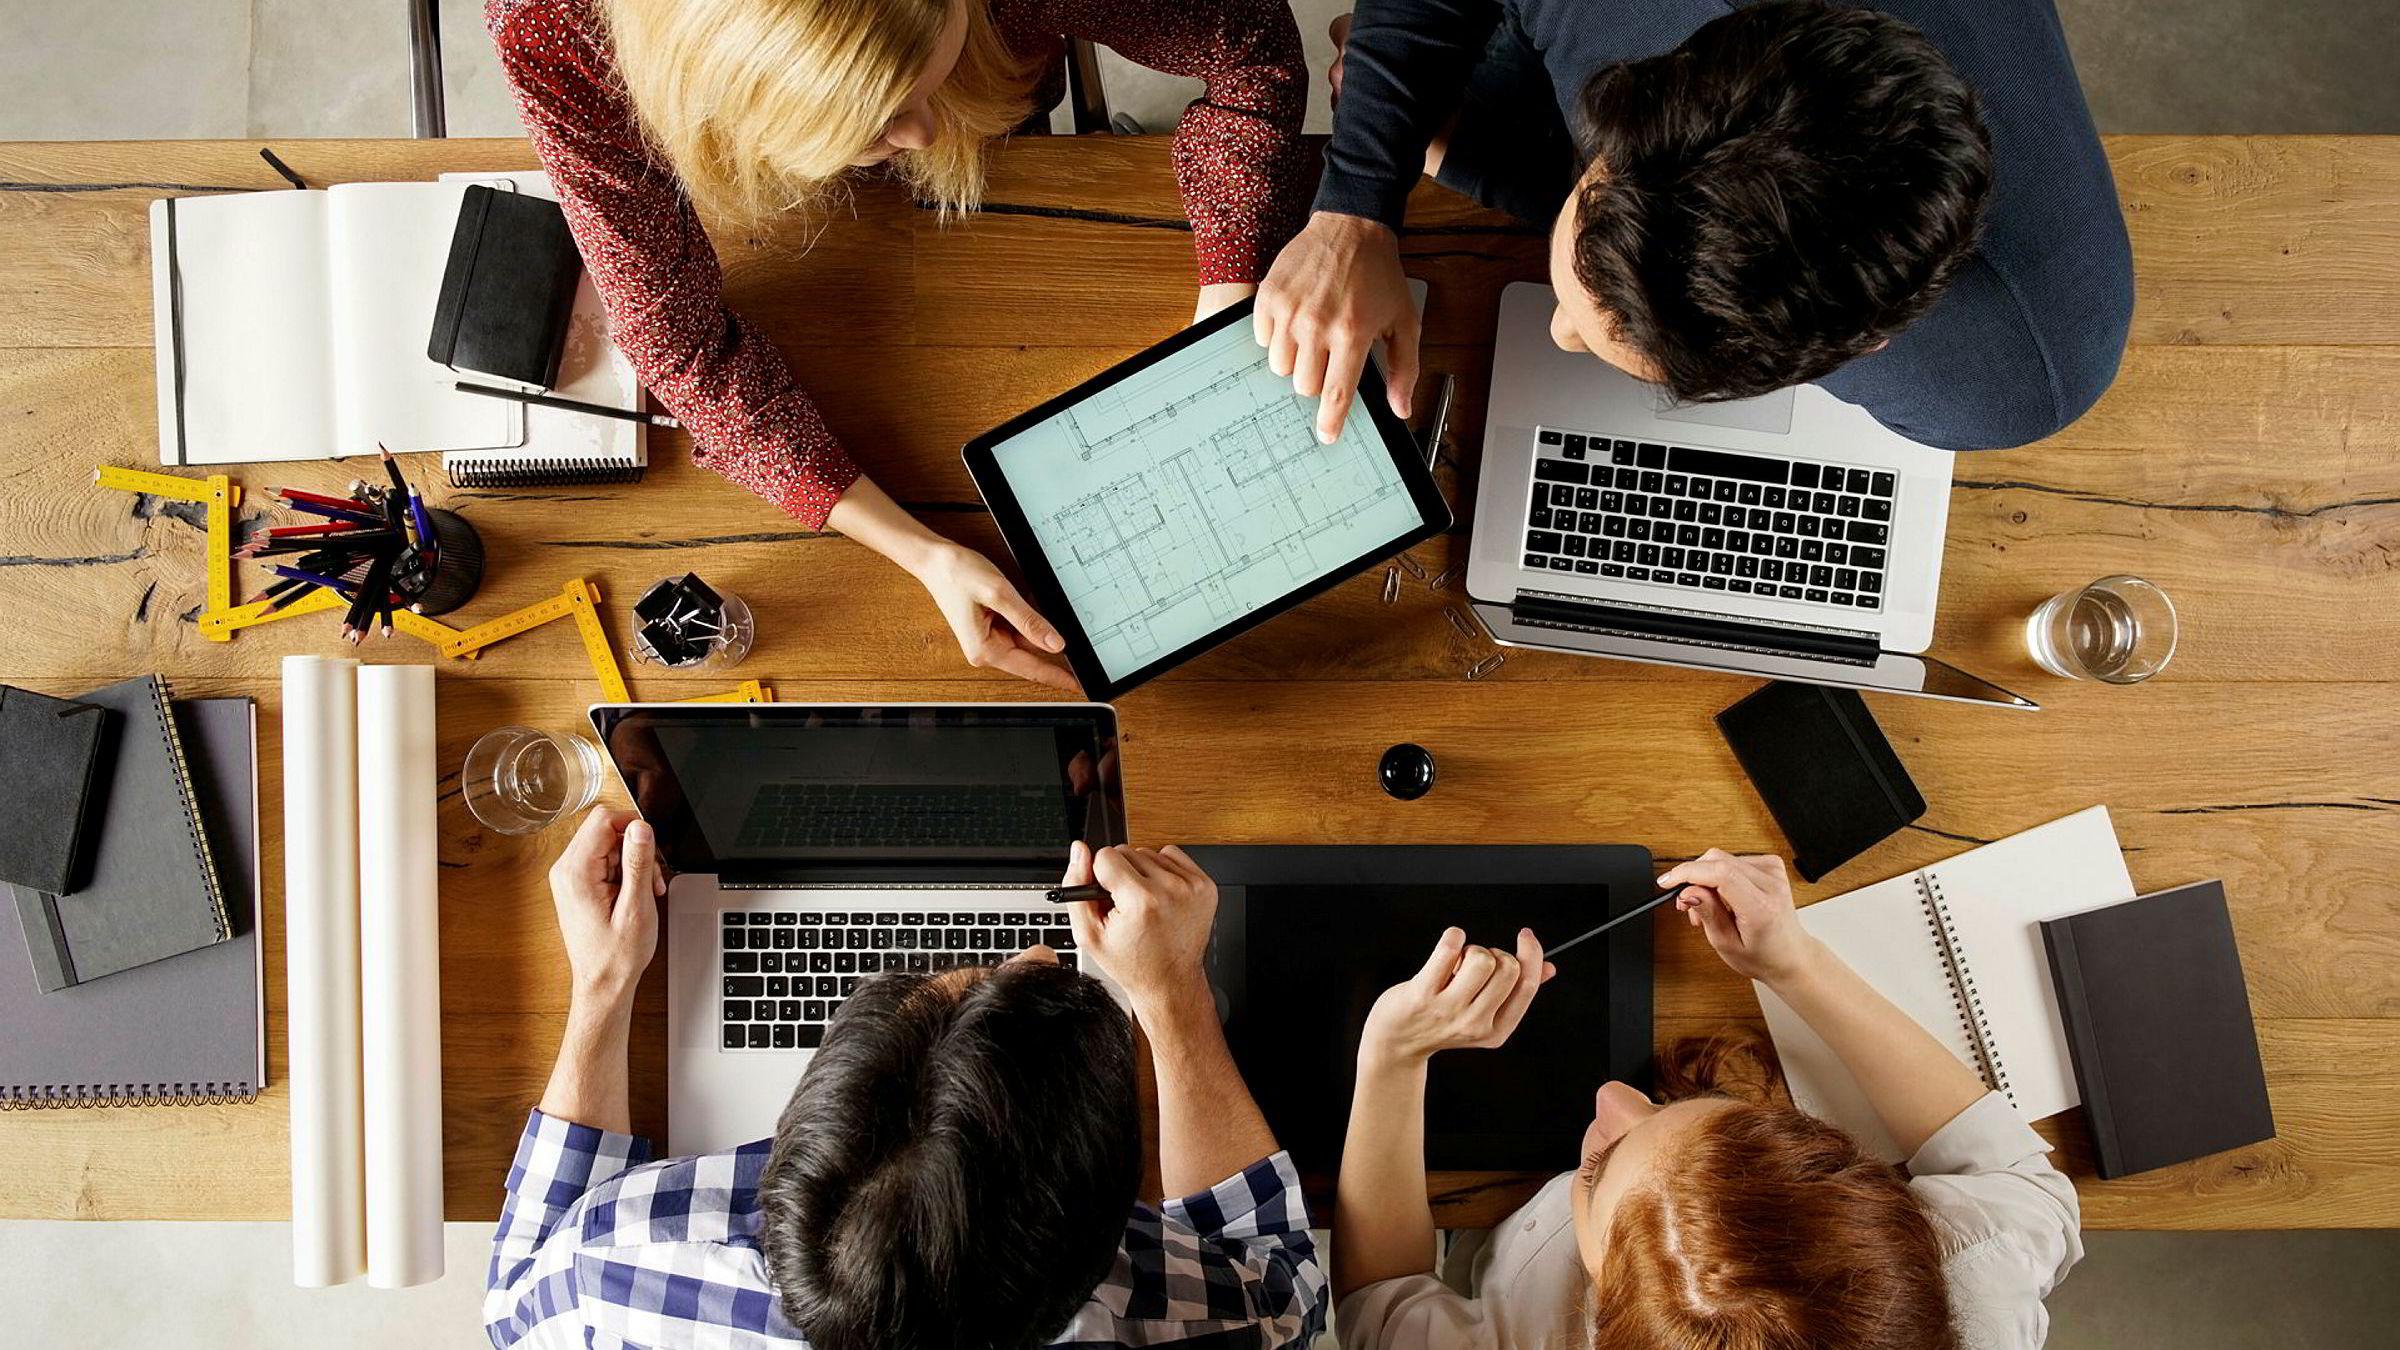 «Som en følge av nye digitale plattformer, flere frilansere og konsentrasjon om kjernekompetanse åpnes det opp for en større rolle for mellomledd i arbeidsmarkedet», skriver innleggsforfatteren.